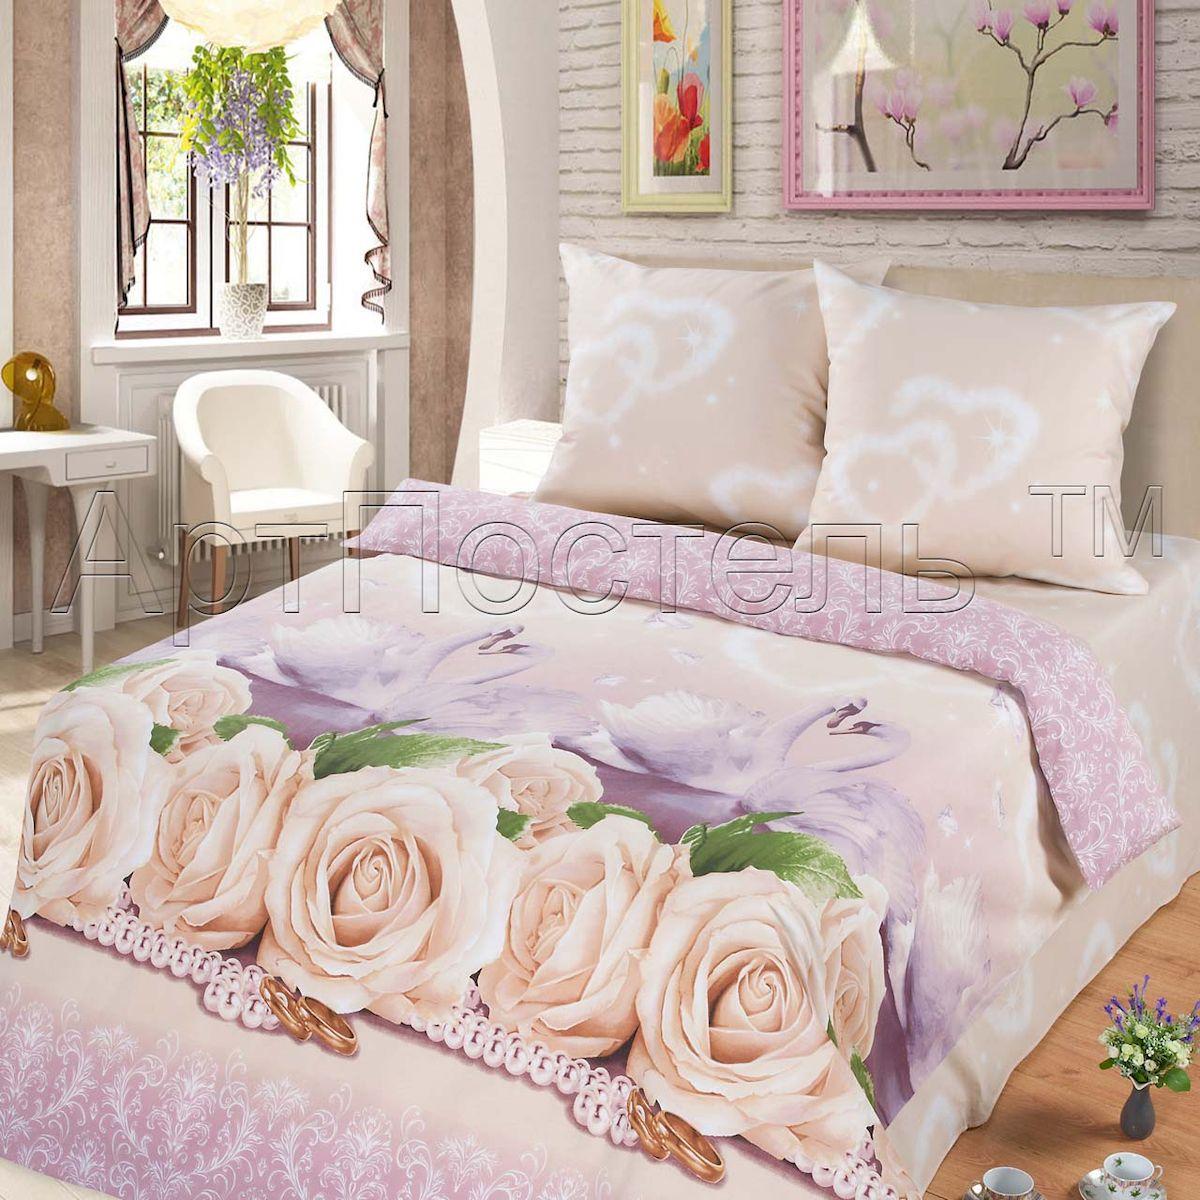 Комплект белья АртПостель Гармония, 2-спальный, наволочки 70x70